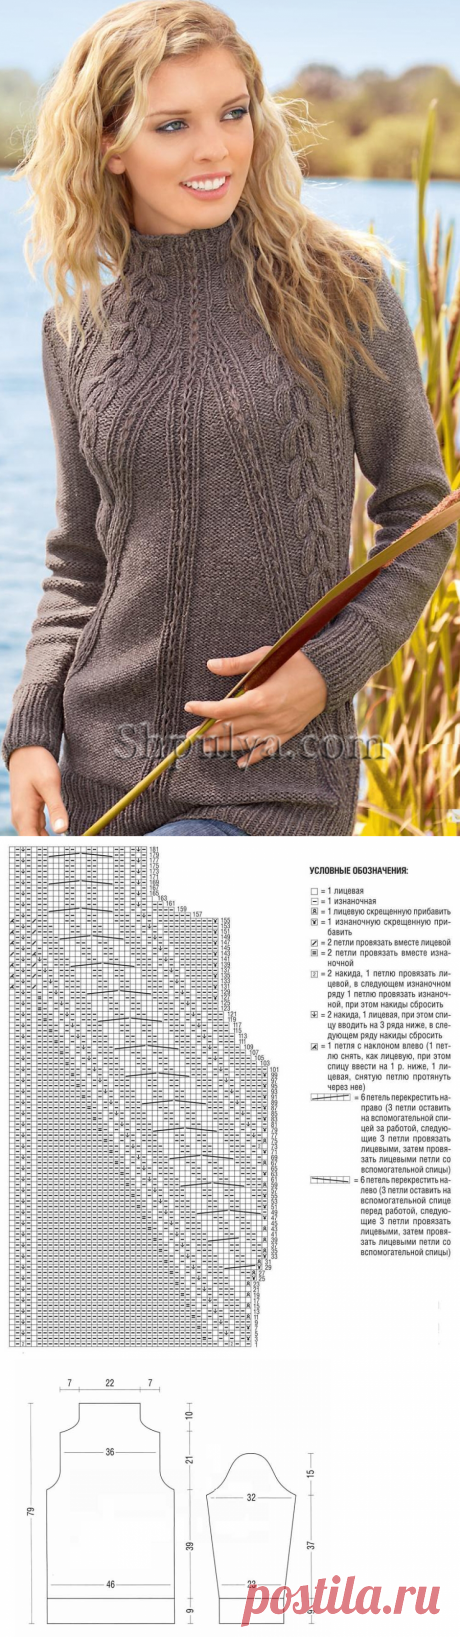 www.SHPULYA.com - el pulóver Alargado con las trenzas por los rayos